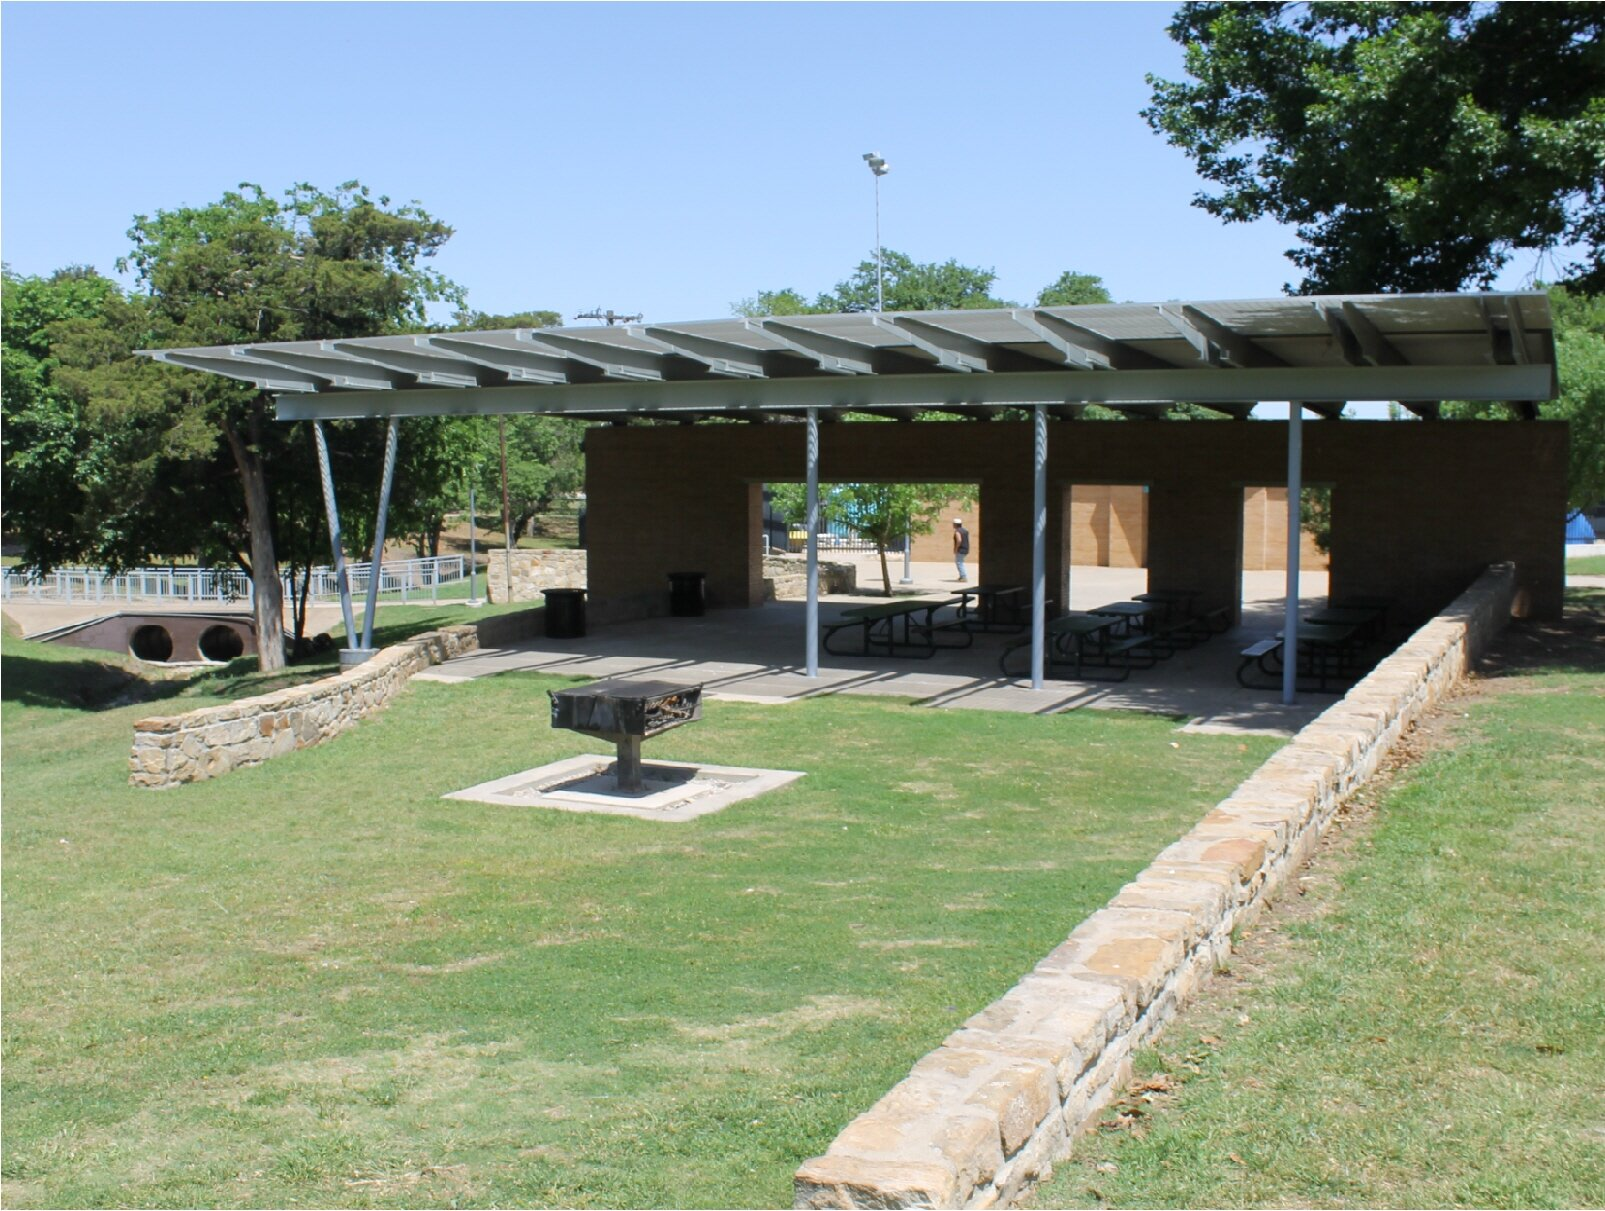 Martin Weiss Pavillion and Park Renovation  DSGN Associates (2008)